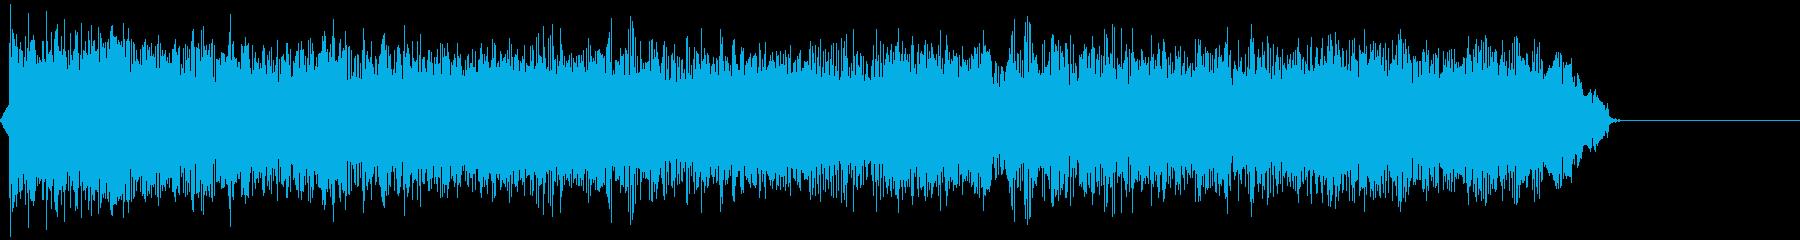 シンプルなロックギターフレーズの再生済みの波形